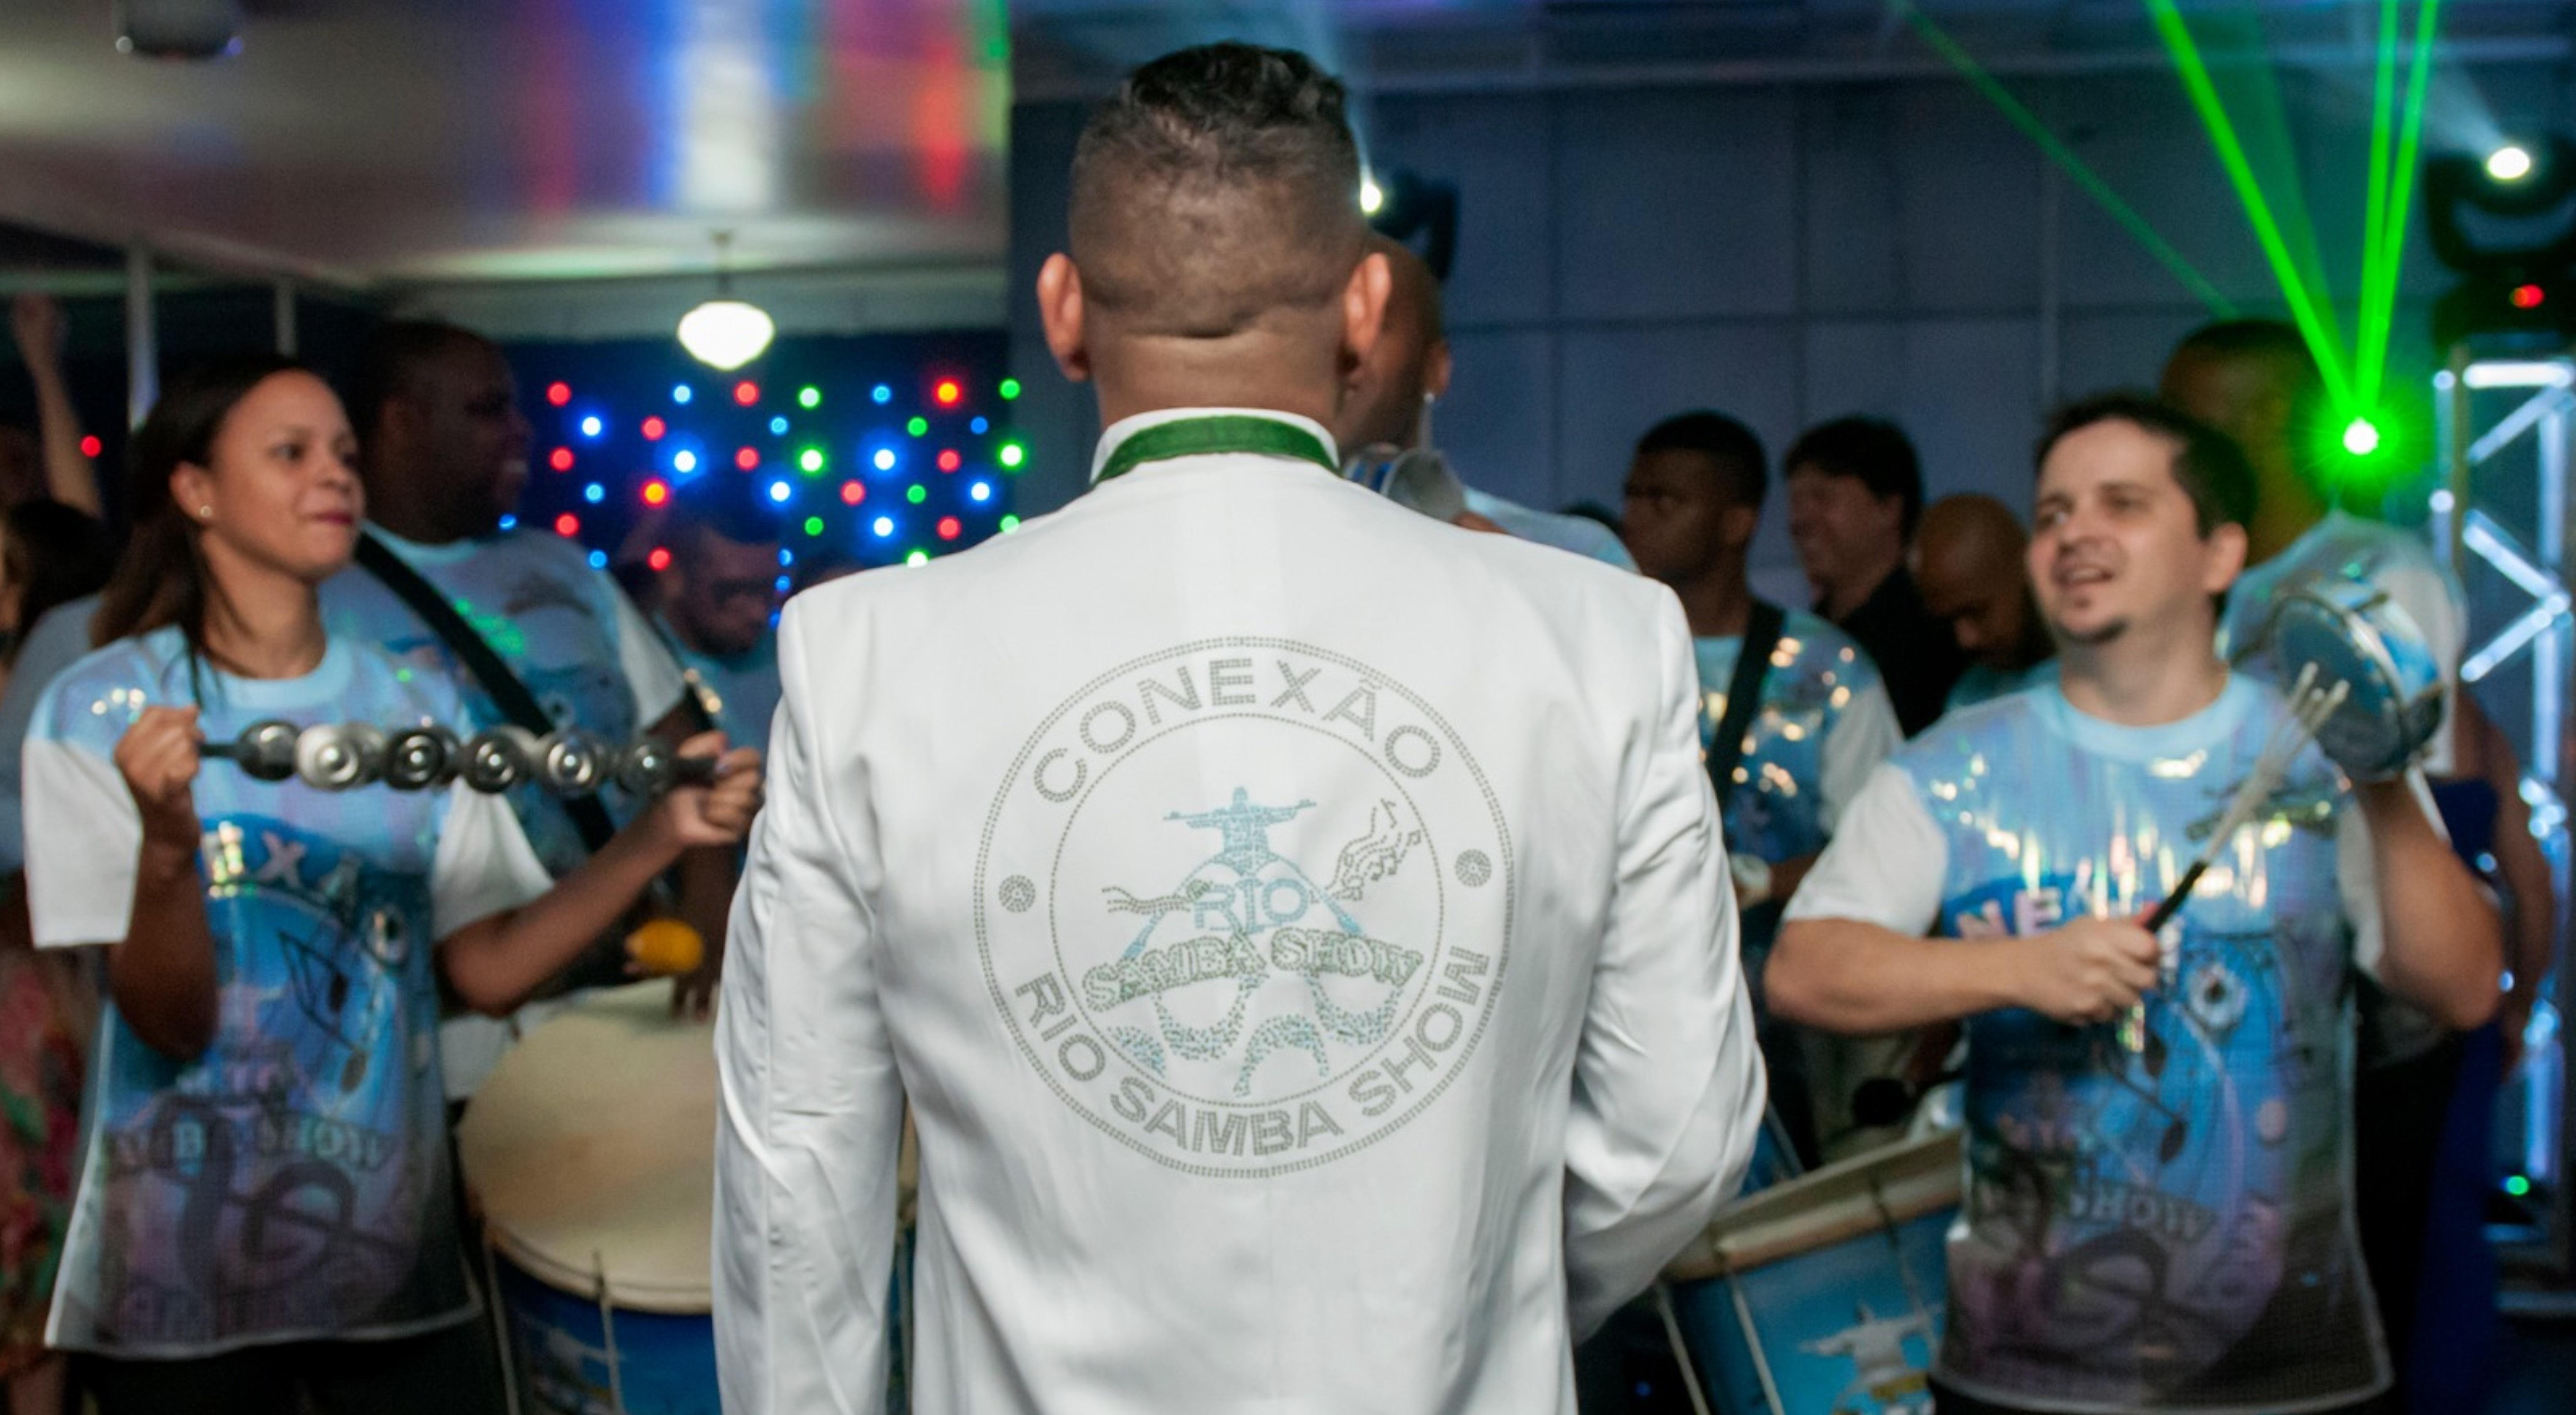 Conexão_rio_samba_show_-_camisa_2